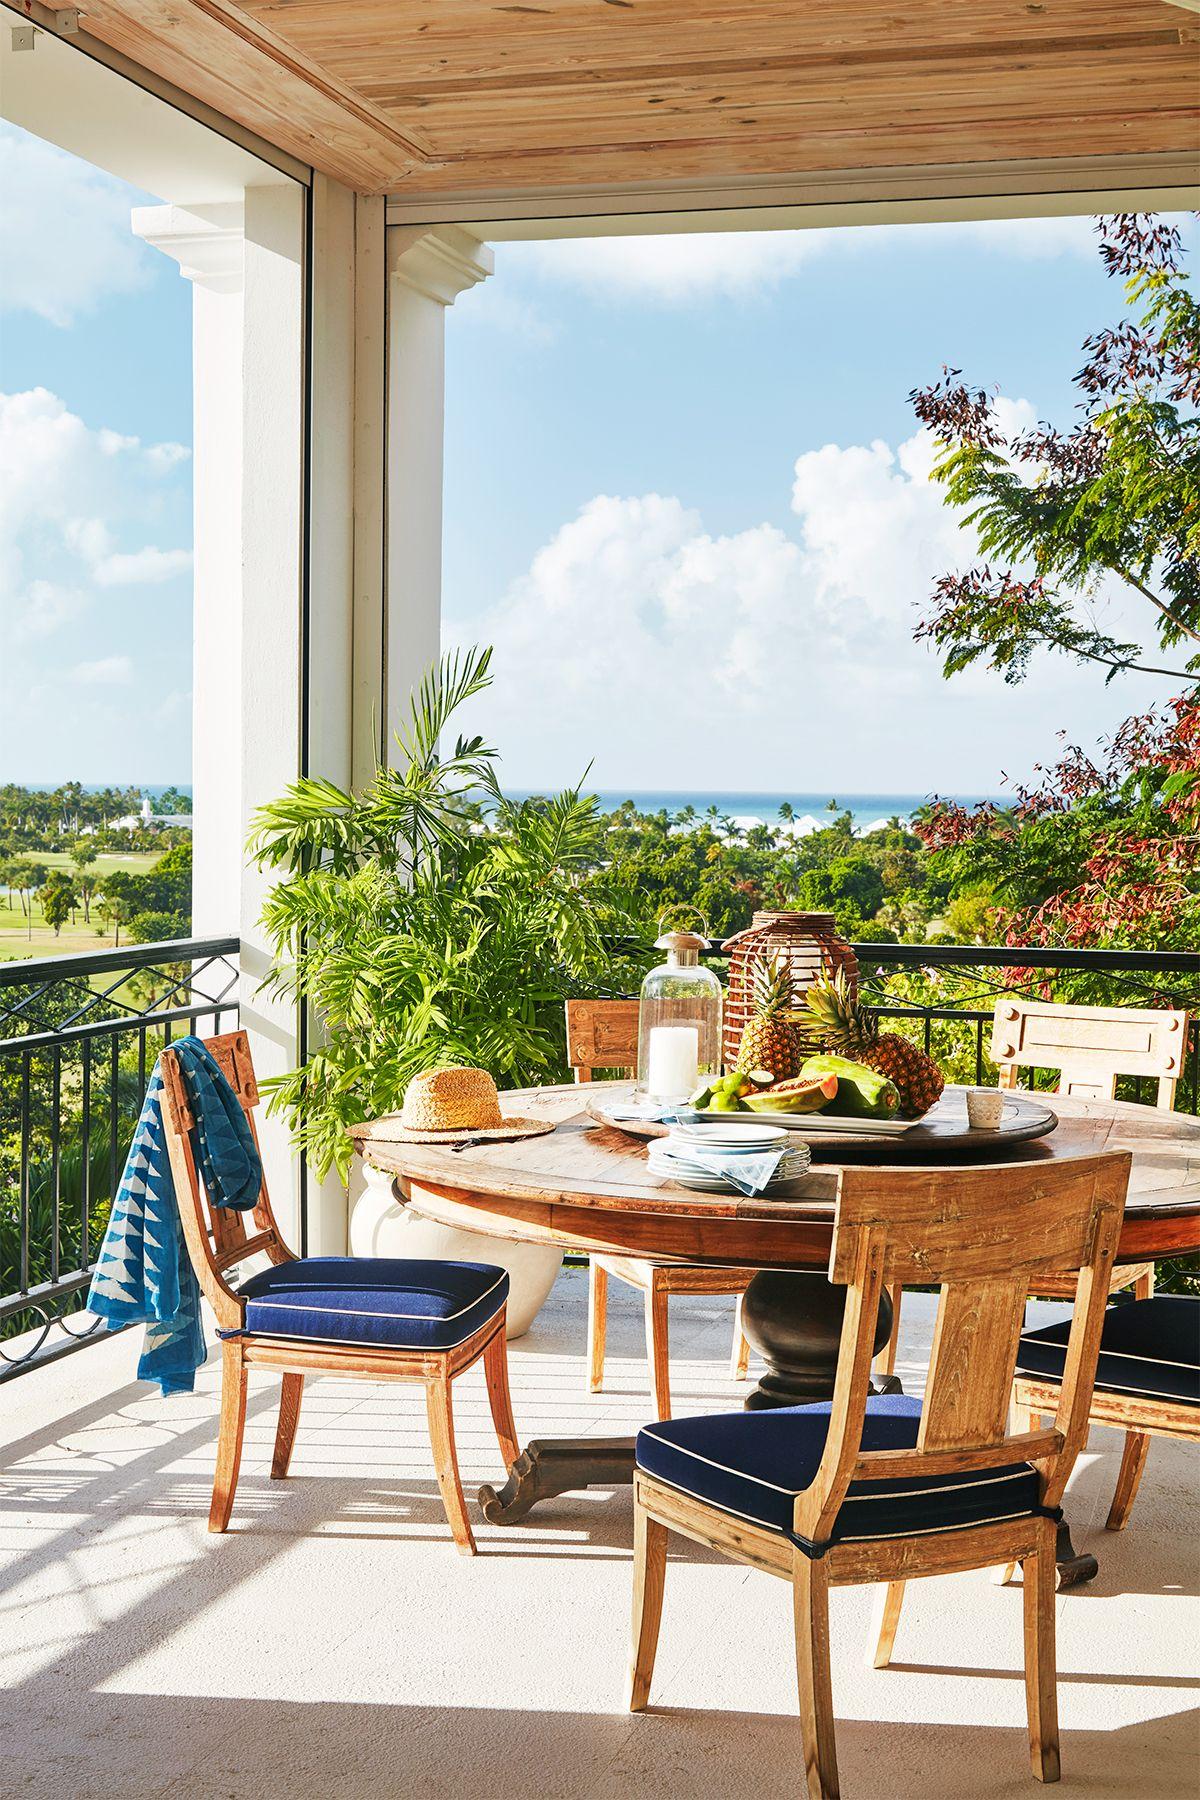 14 Brilliant Balcony Decorating Ideas - Balcony Design Tips